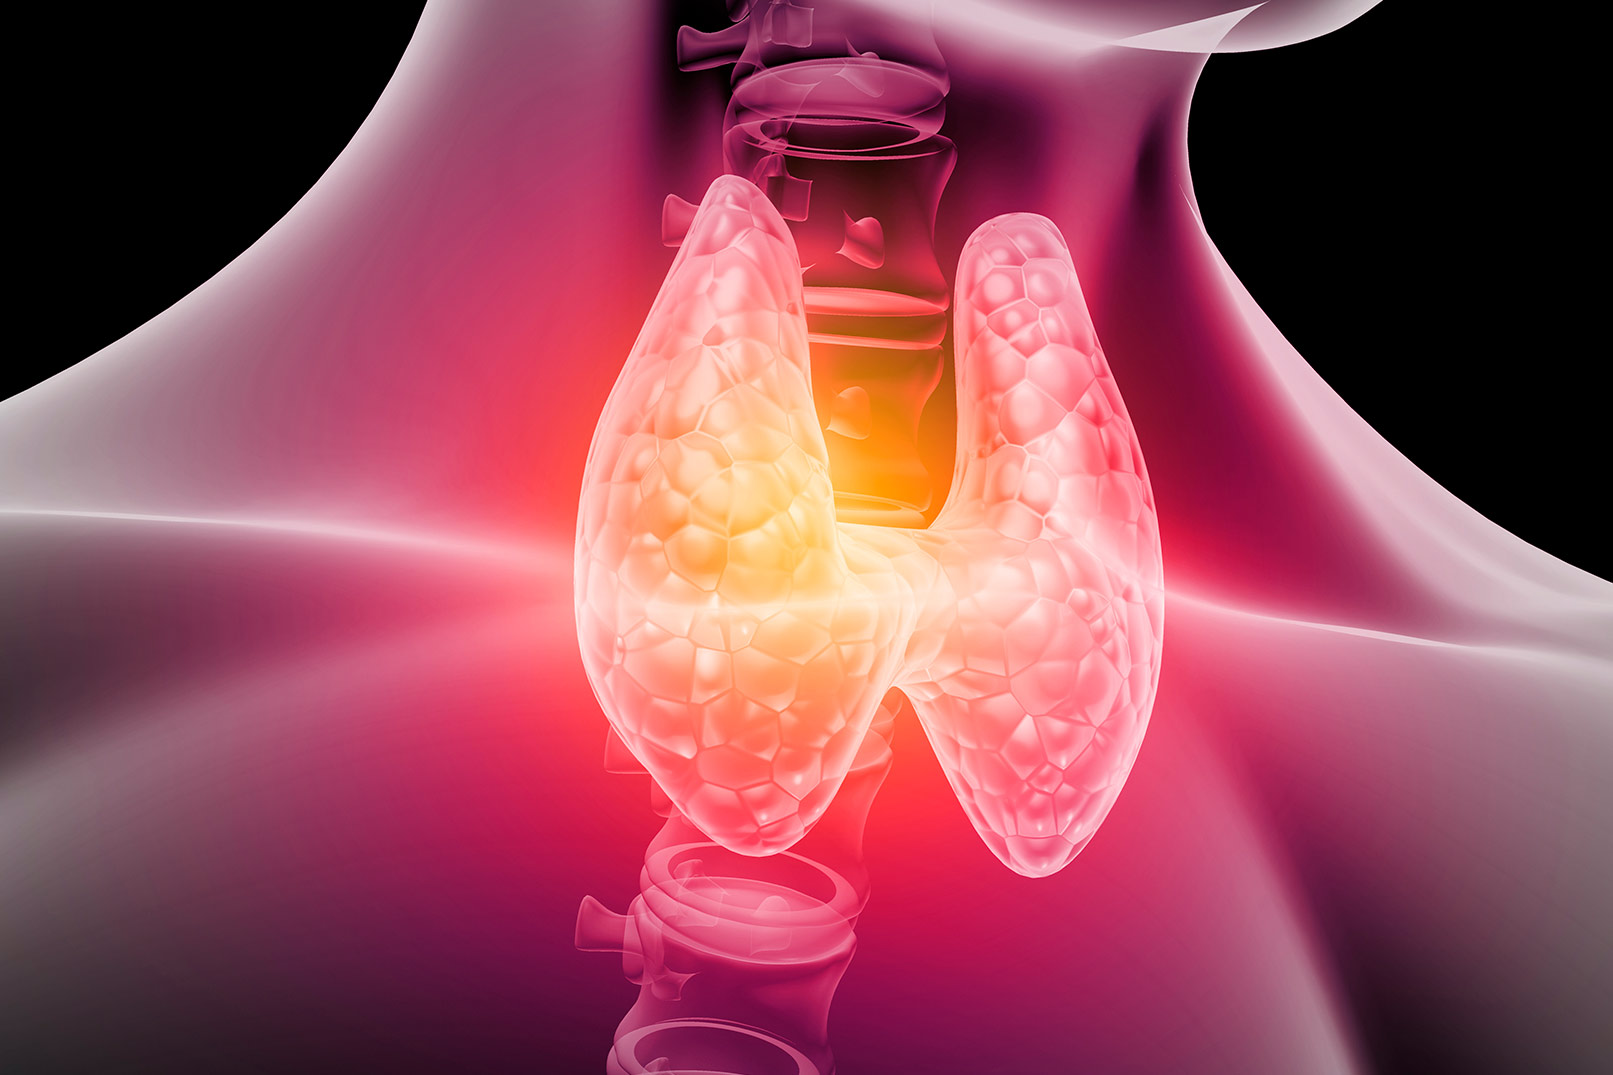 El 60% de los enfermos con hipotiroidismo subclínico no ha sido diagnosticado